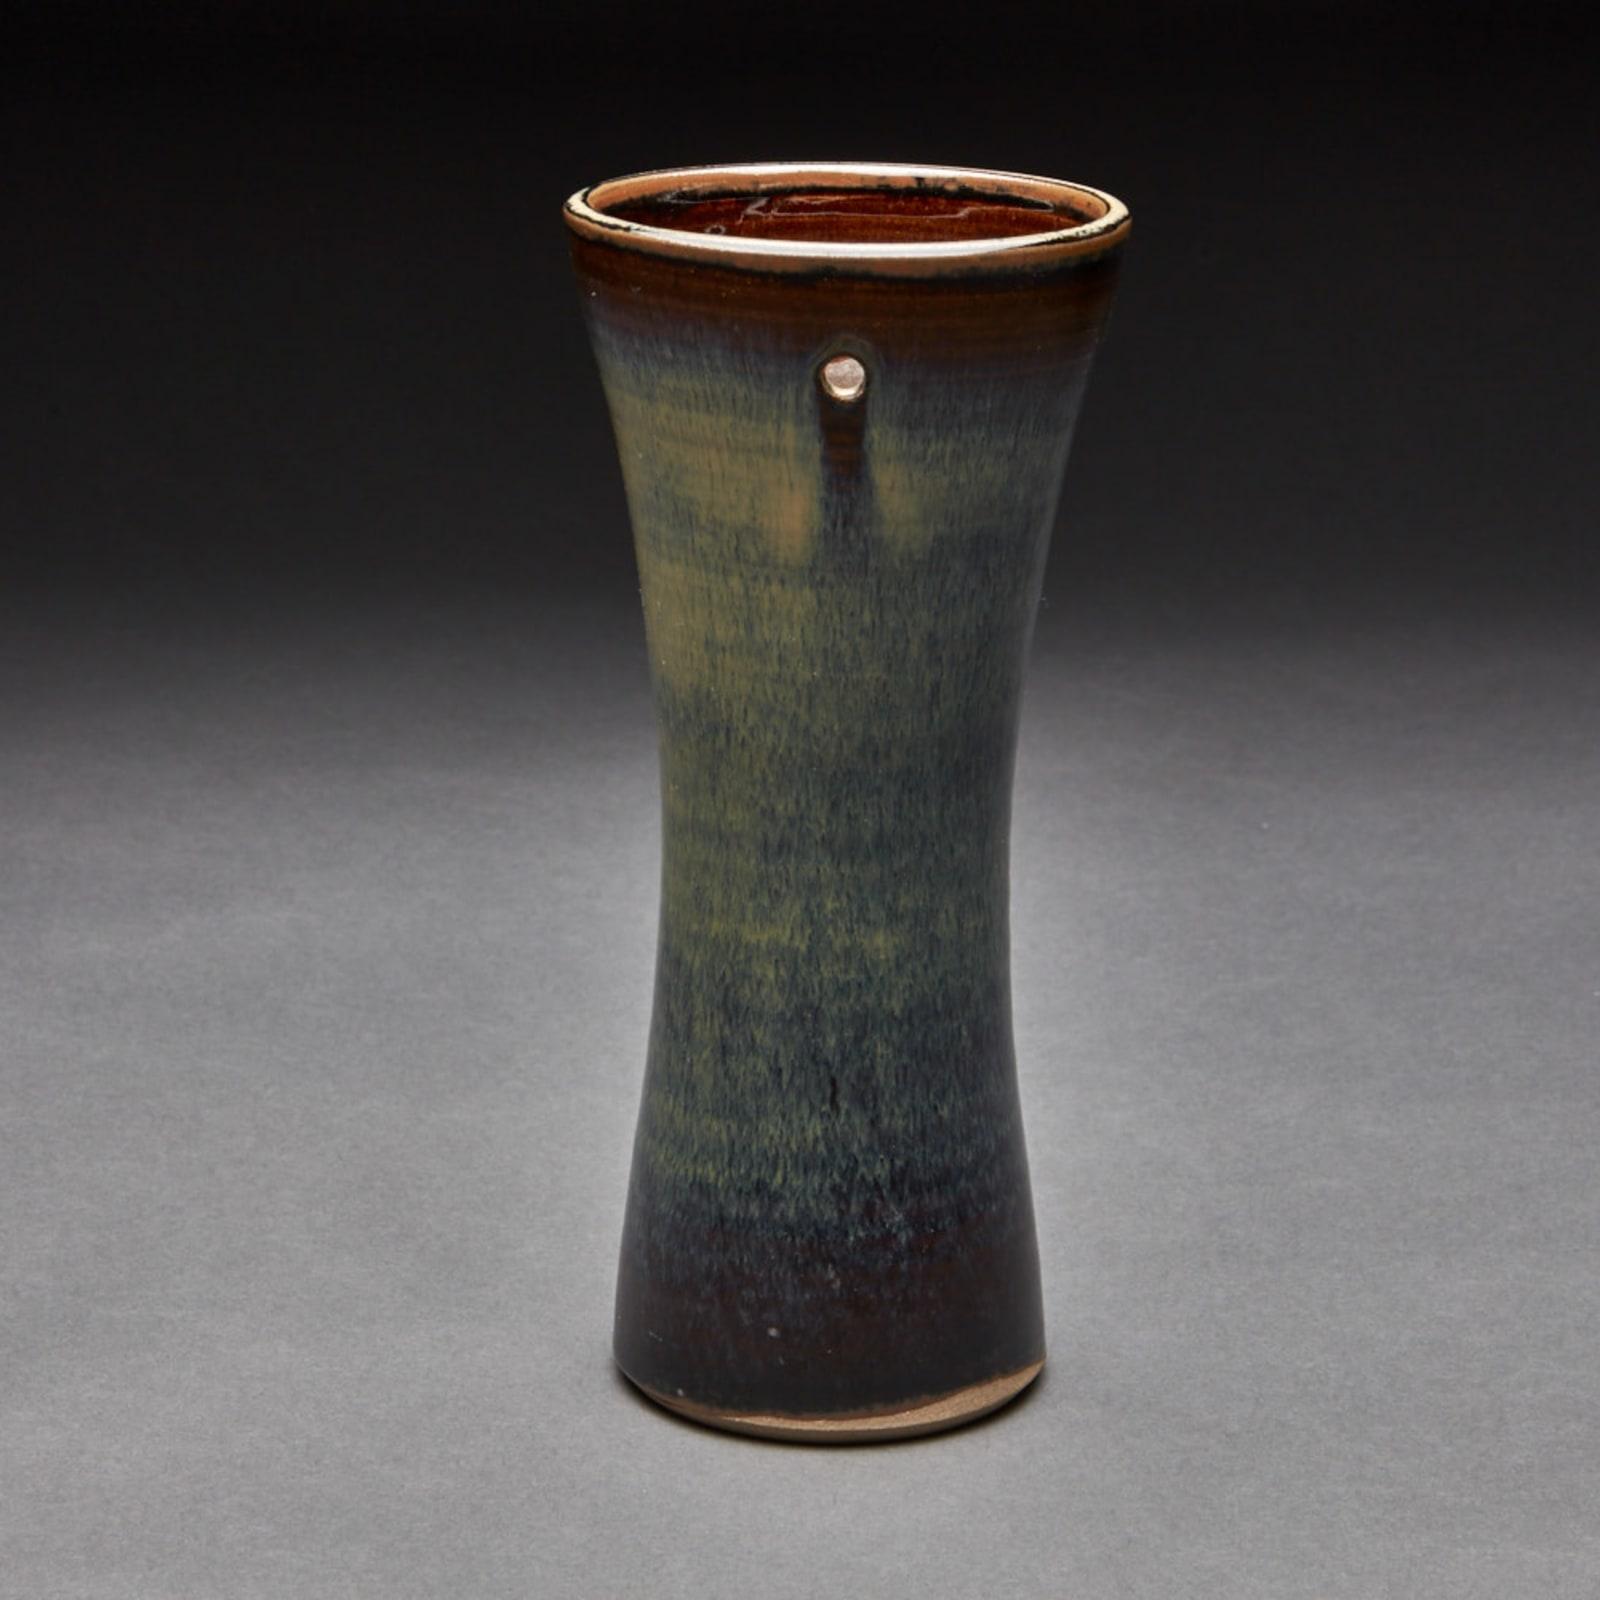 Takatori  85, 2016  Tenmoku Glazed Porcelain  22 x 10.1 x 10.1 cm